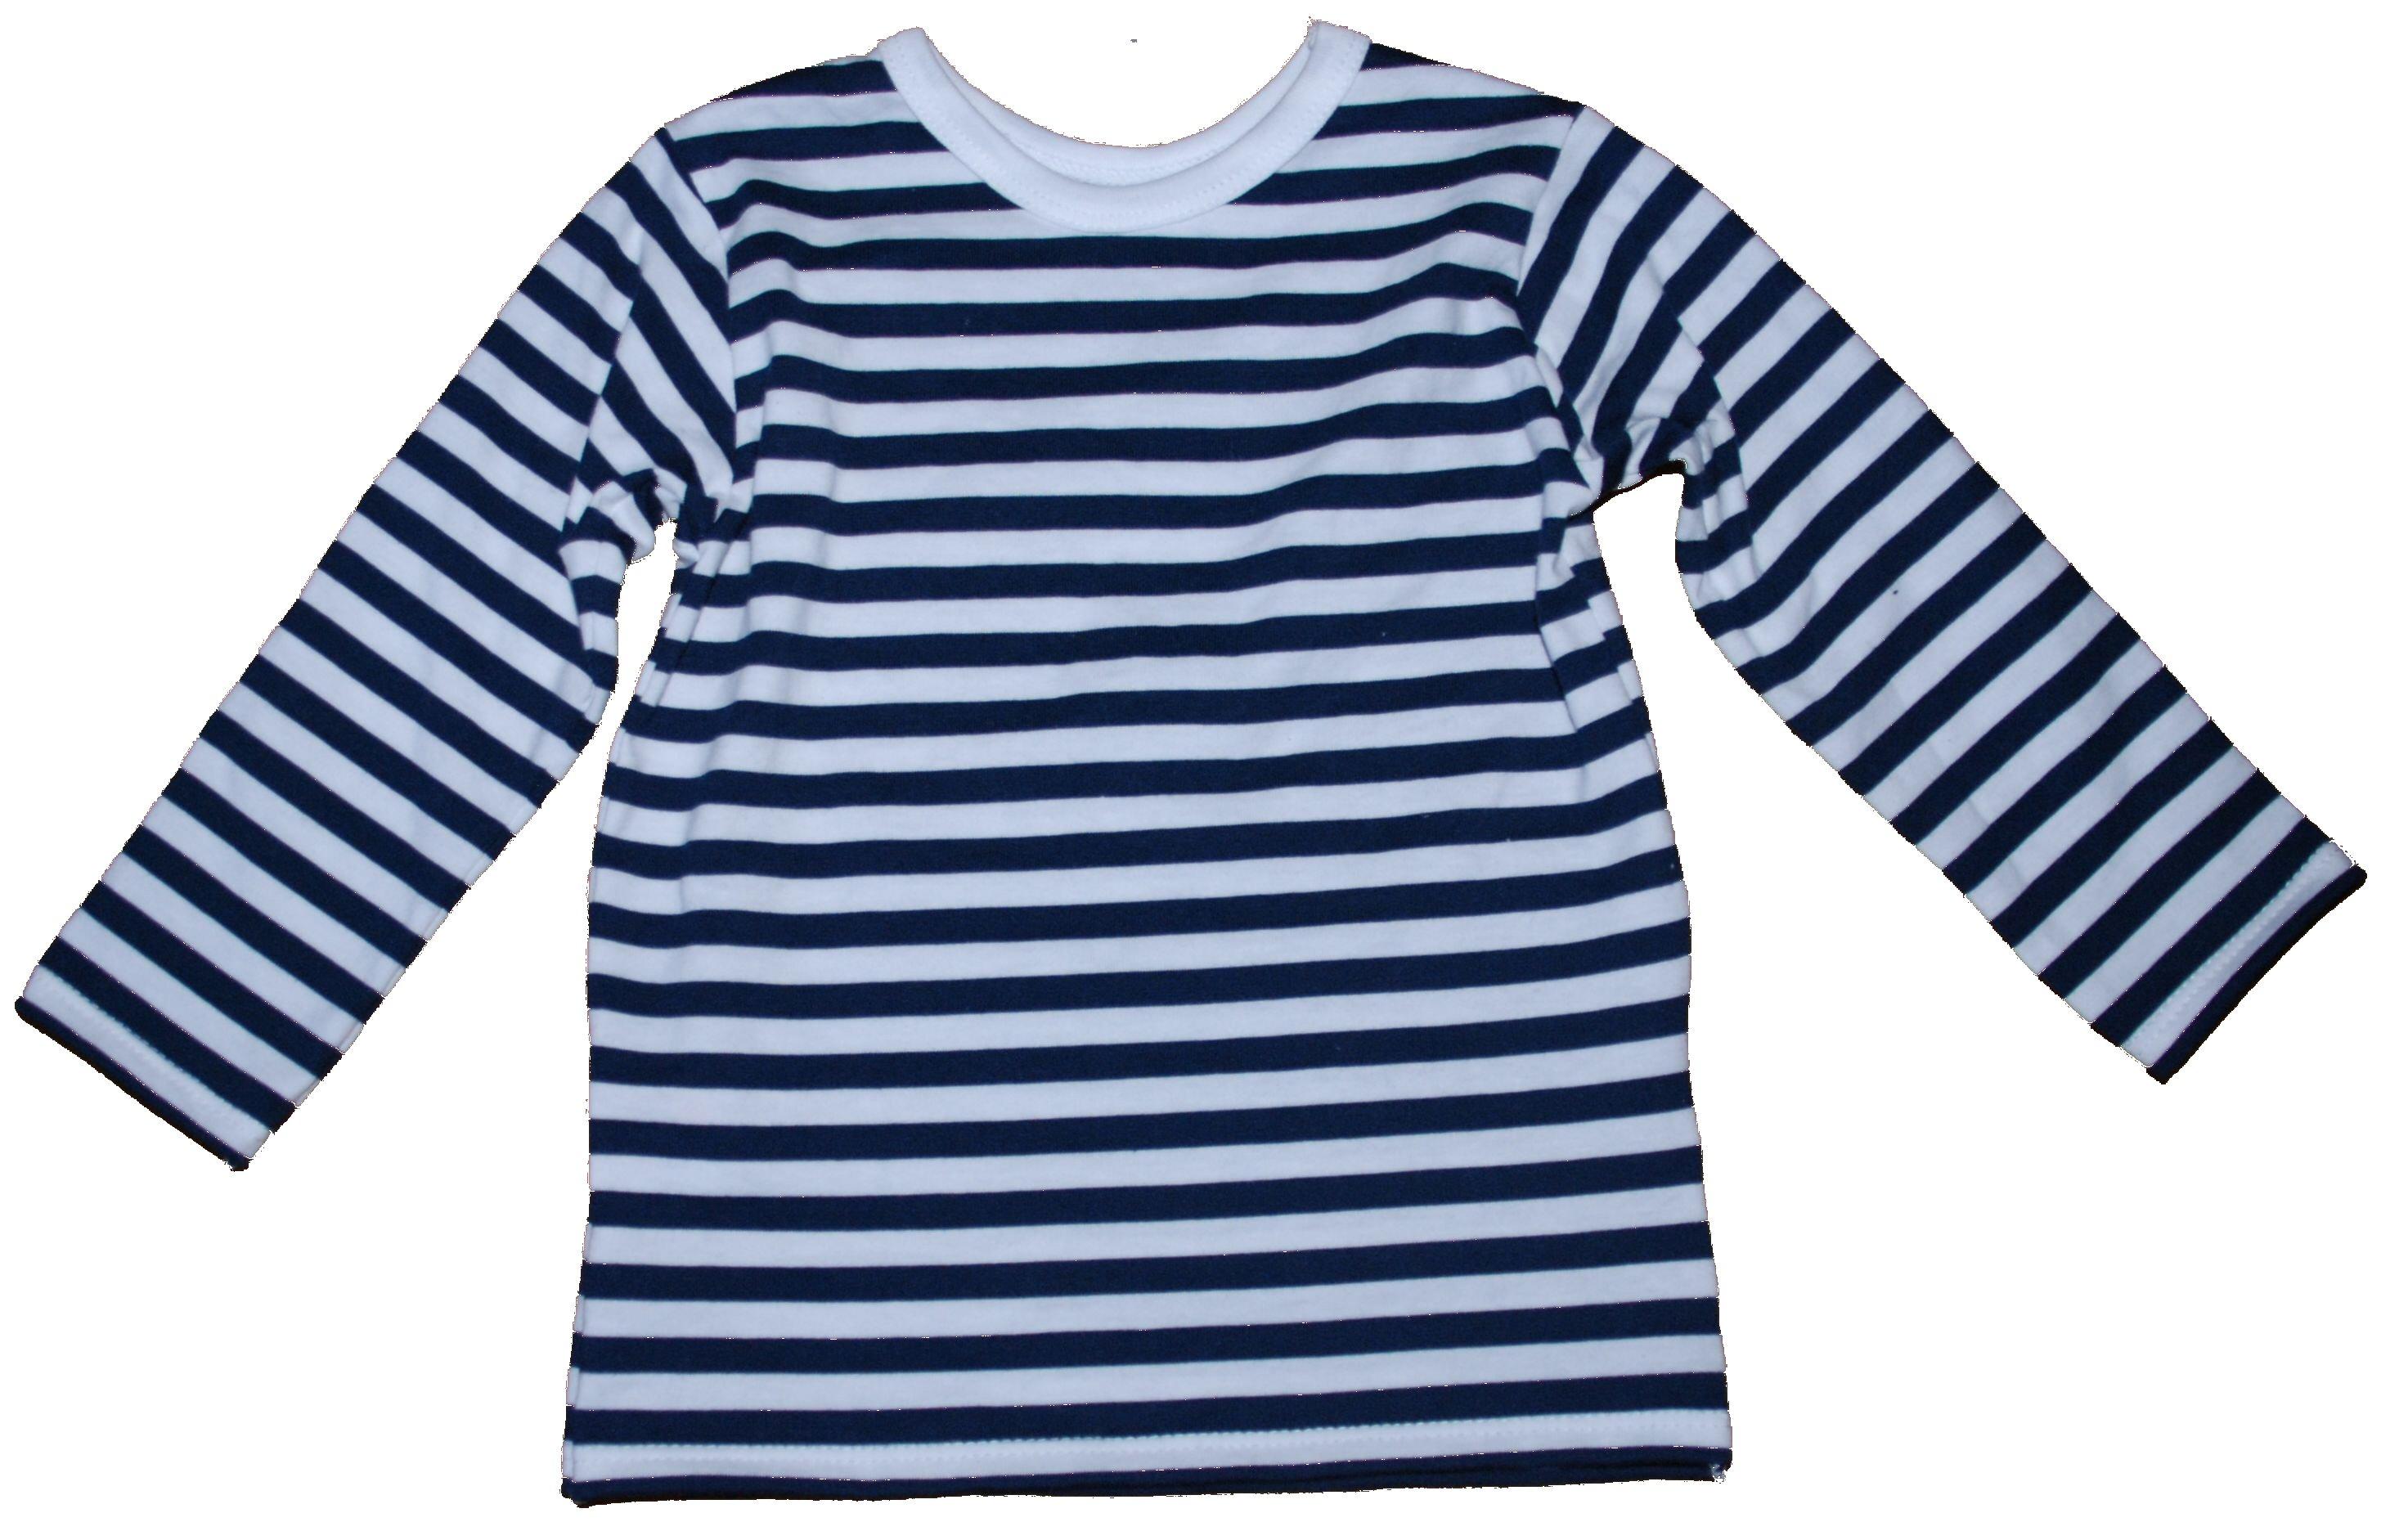 c8452762805 Dětské námořnické tričko dlouhý rukáv